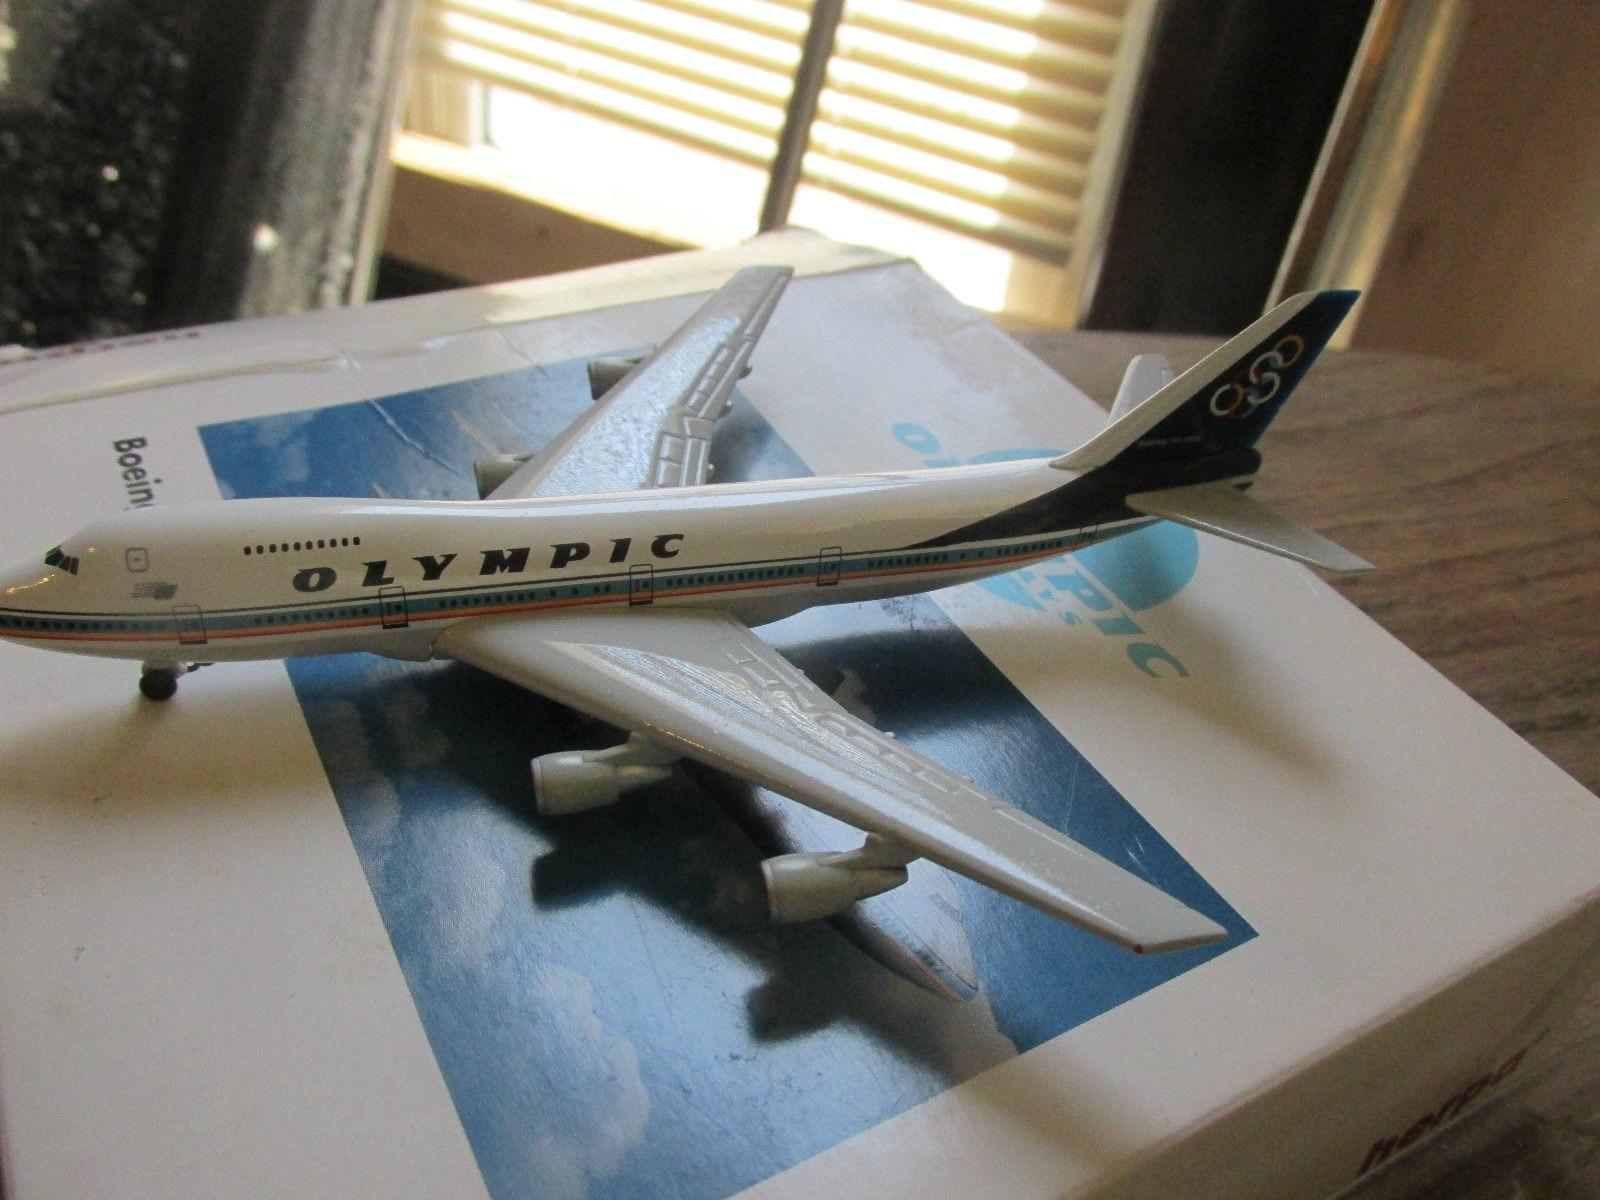 1:500 Olimpico SX OAD aviazione 747 200 Velivoli di Modello Dell'aeroplano di Modello In Vendita-in Macchinine in metallo e veicoli giocattolo da Giocattoli e hobby su  Gruppo 3